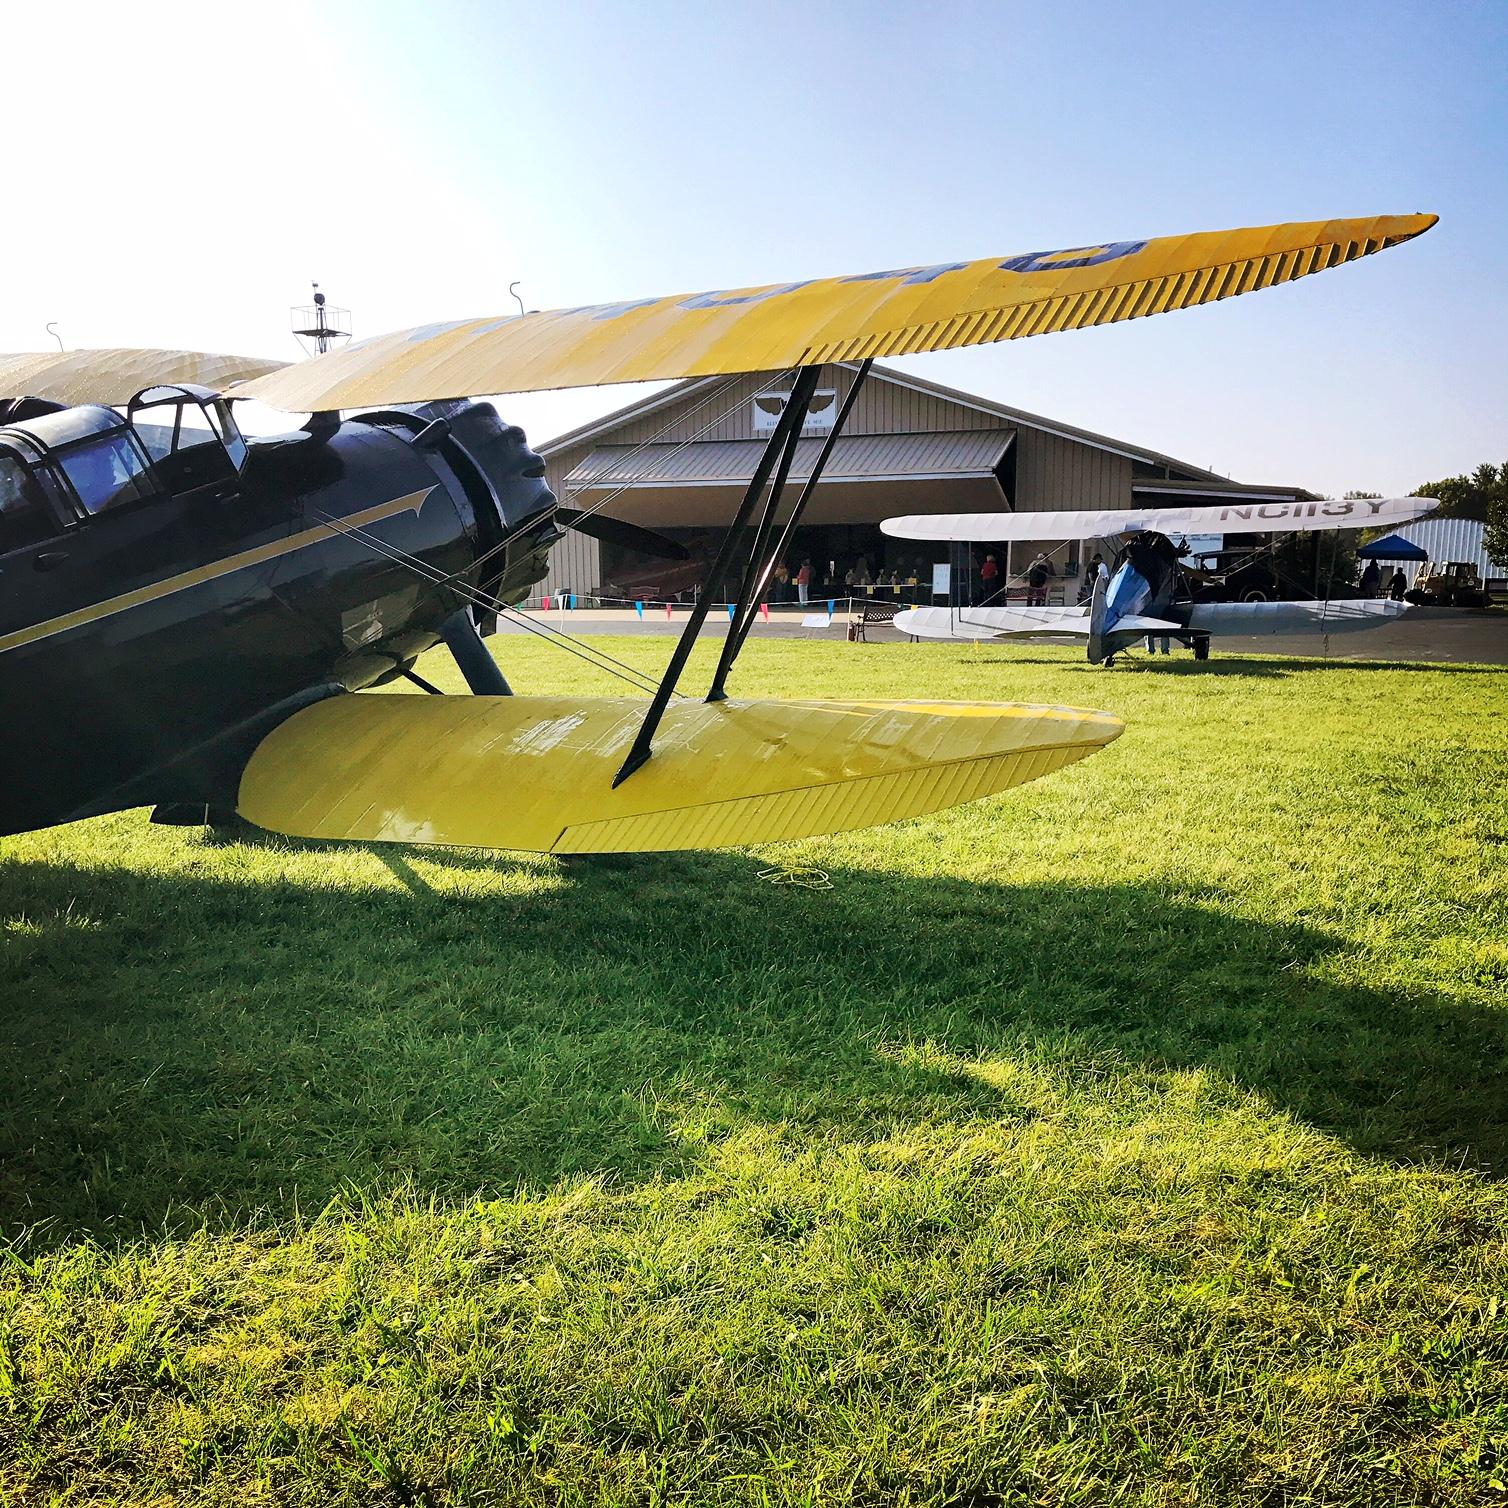 WACO Fly In